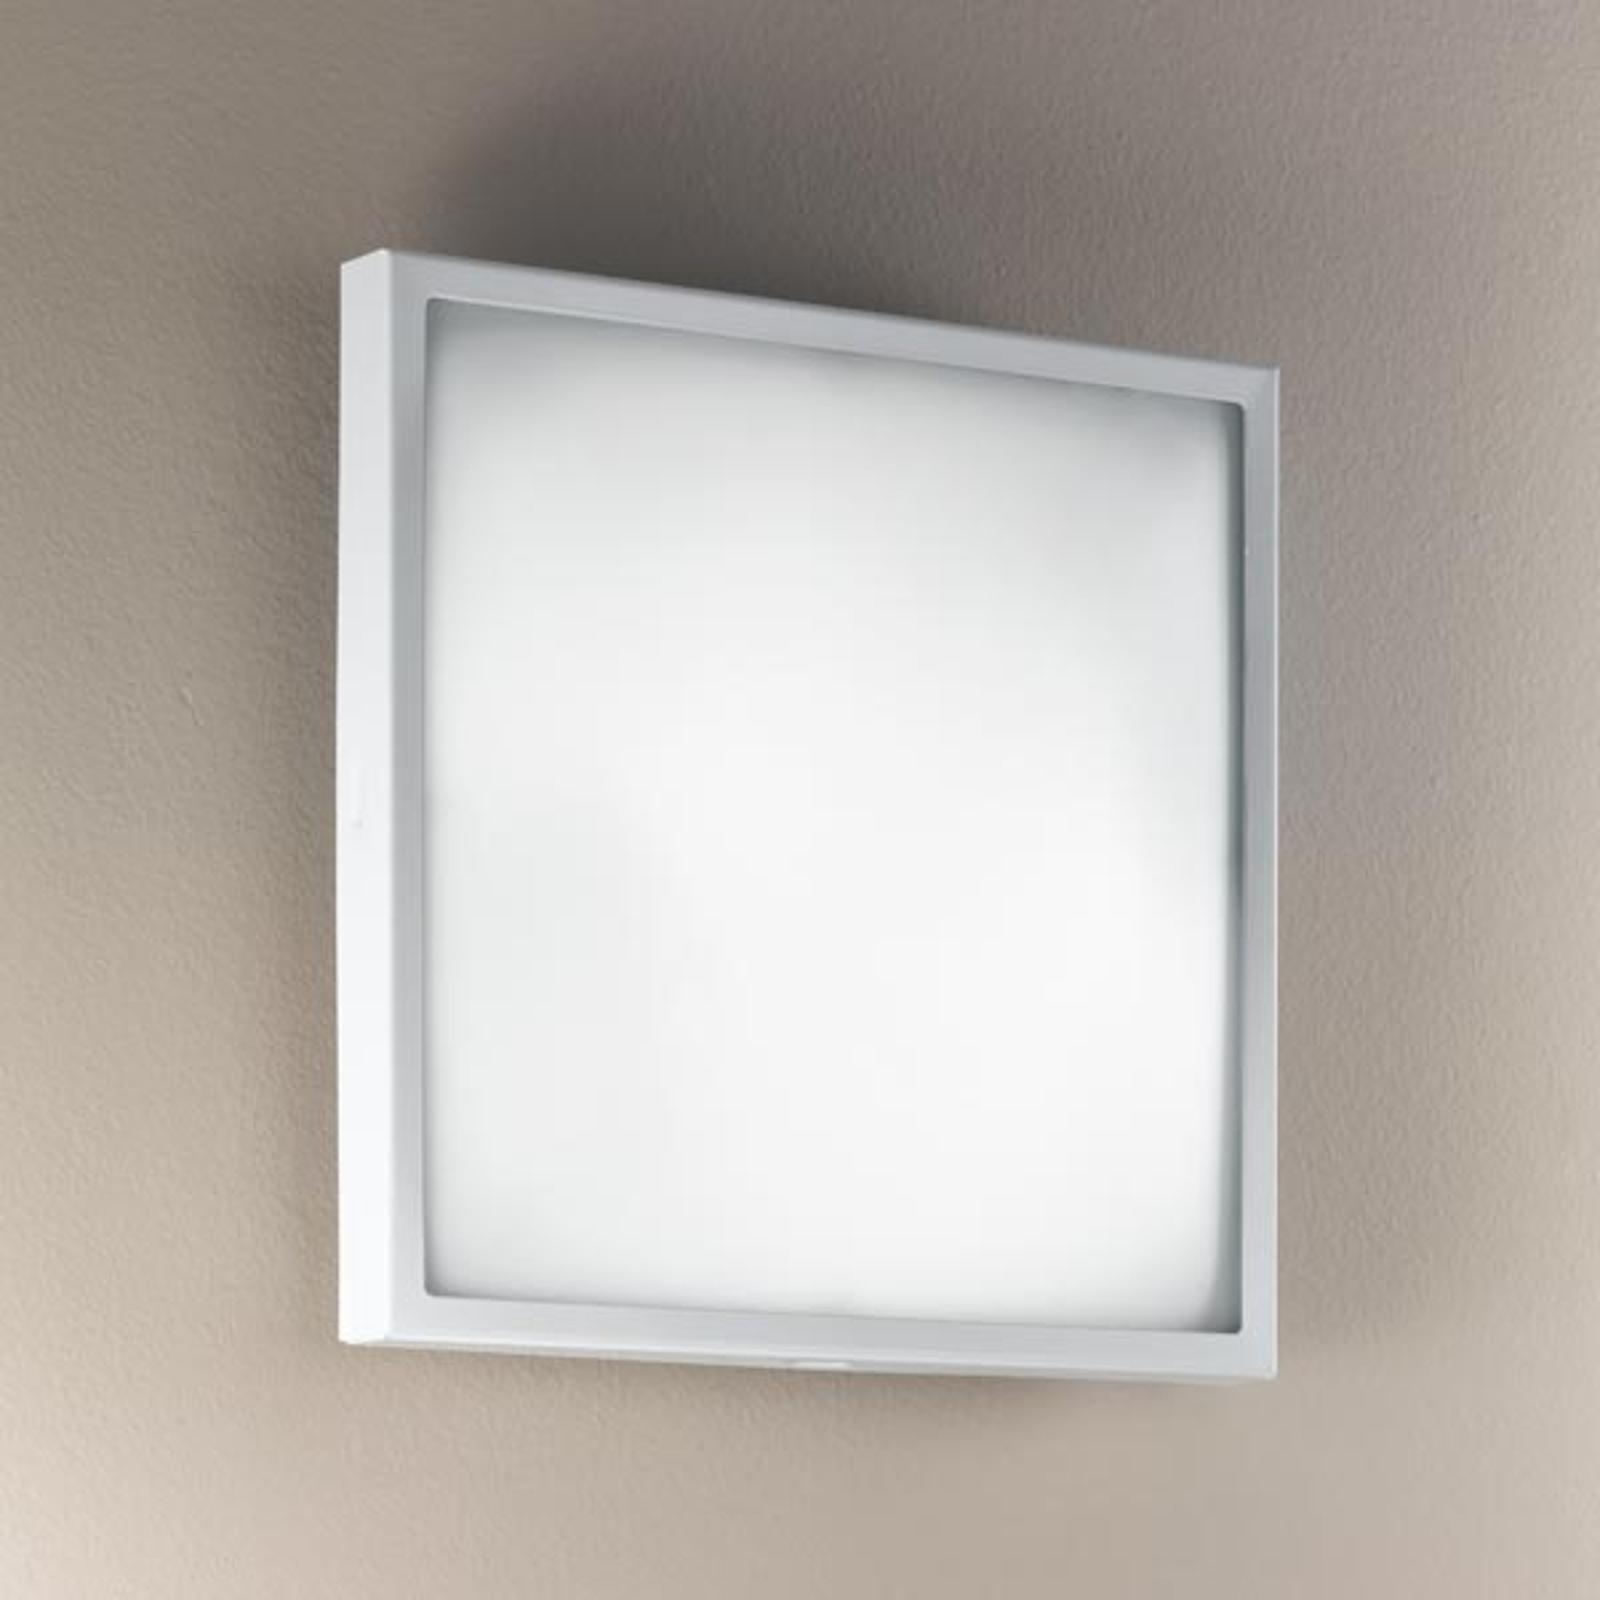 OSAKA 30 glasvæg- og loftlampe, hvid